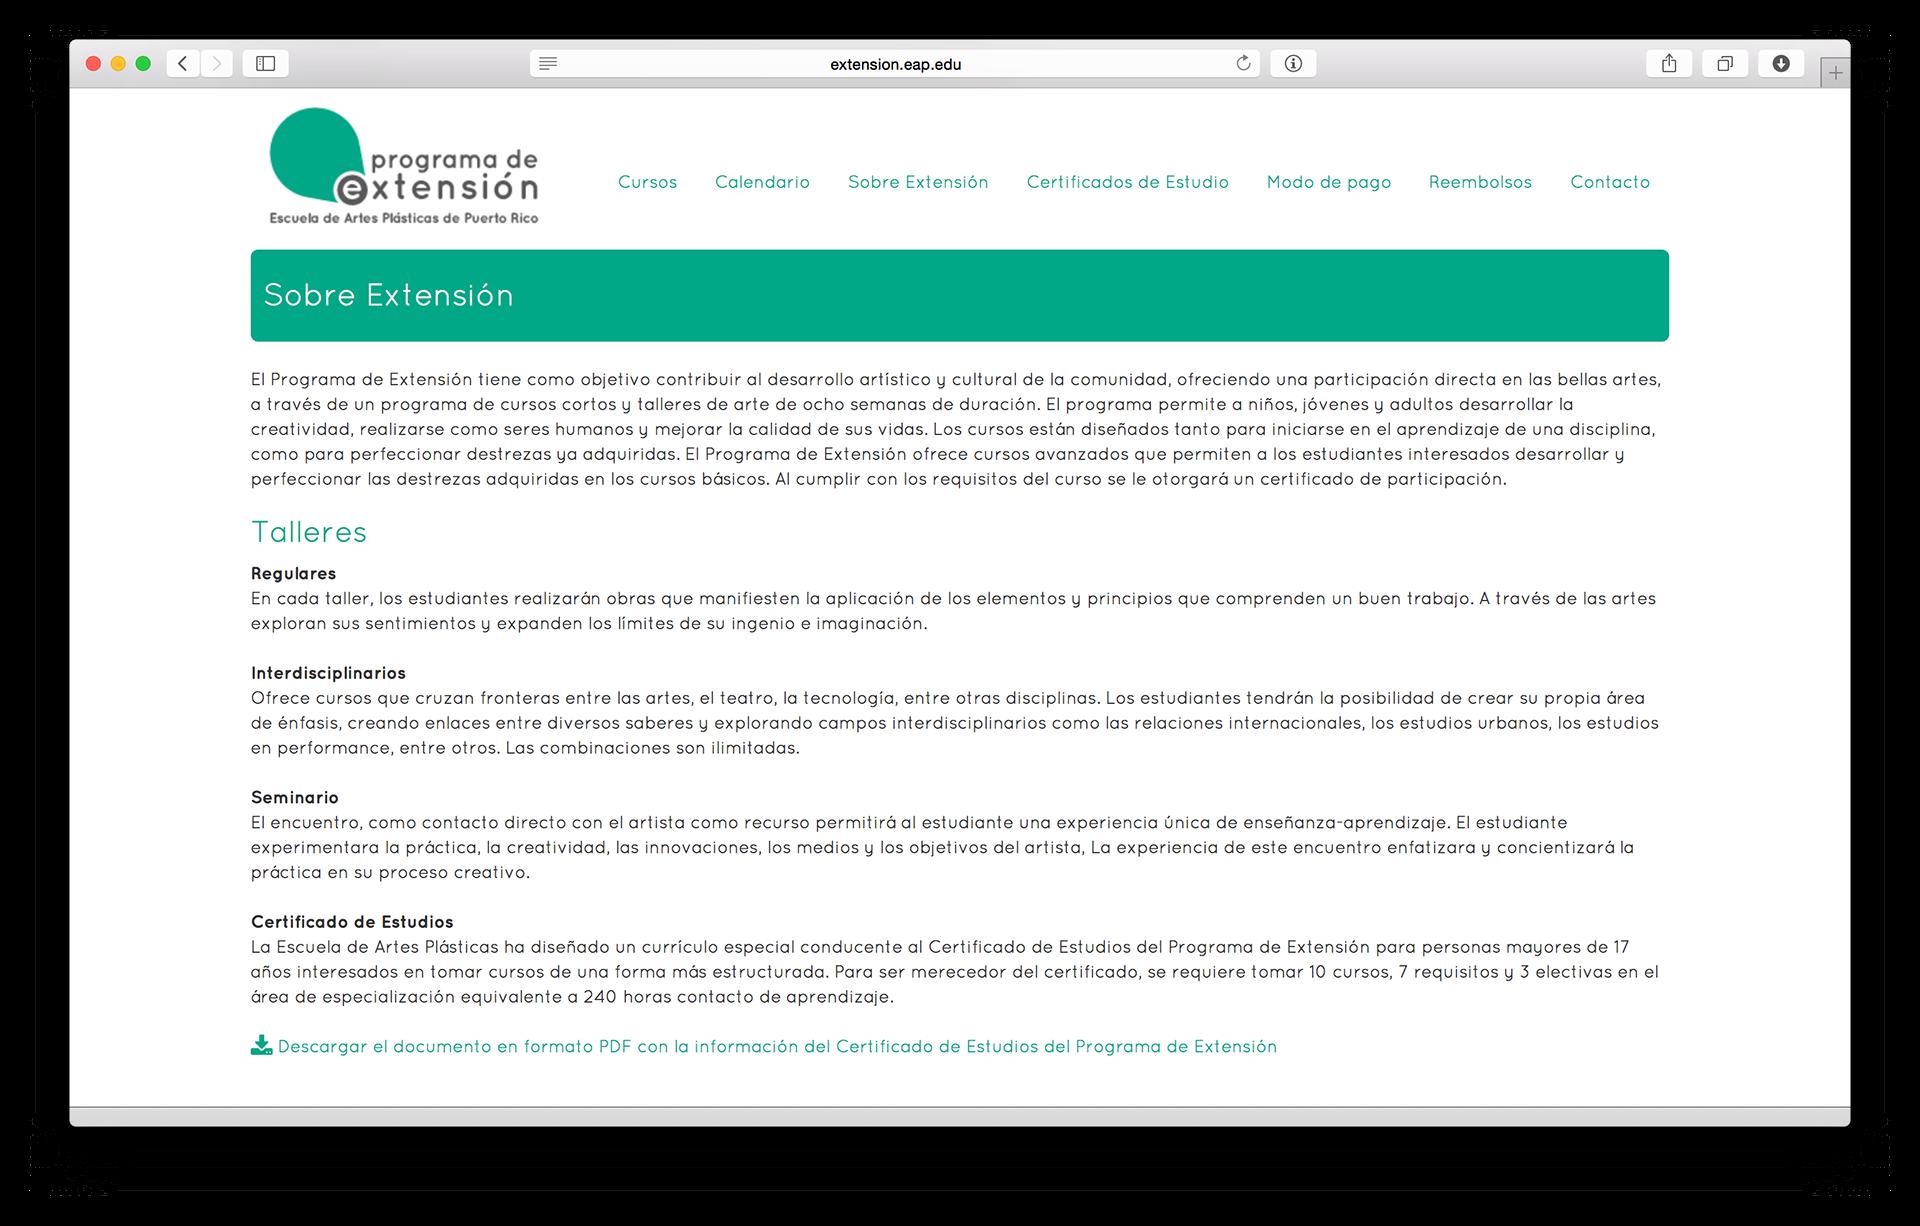 Kimberly Ortega León - Programa de Extensión